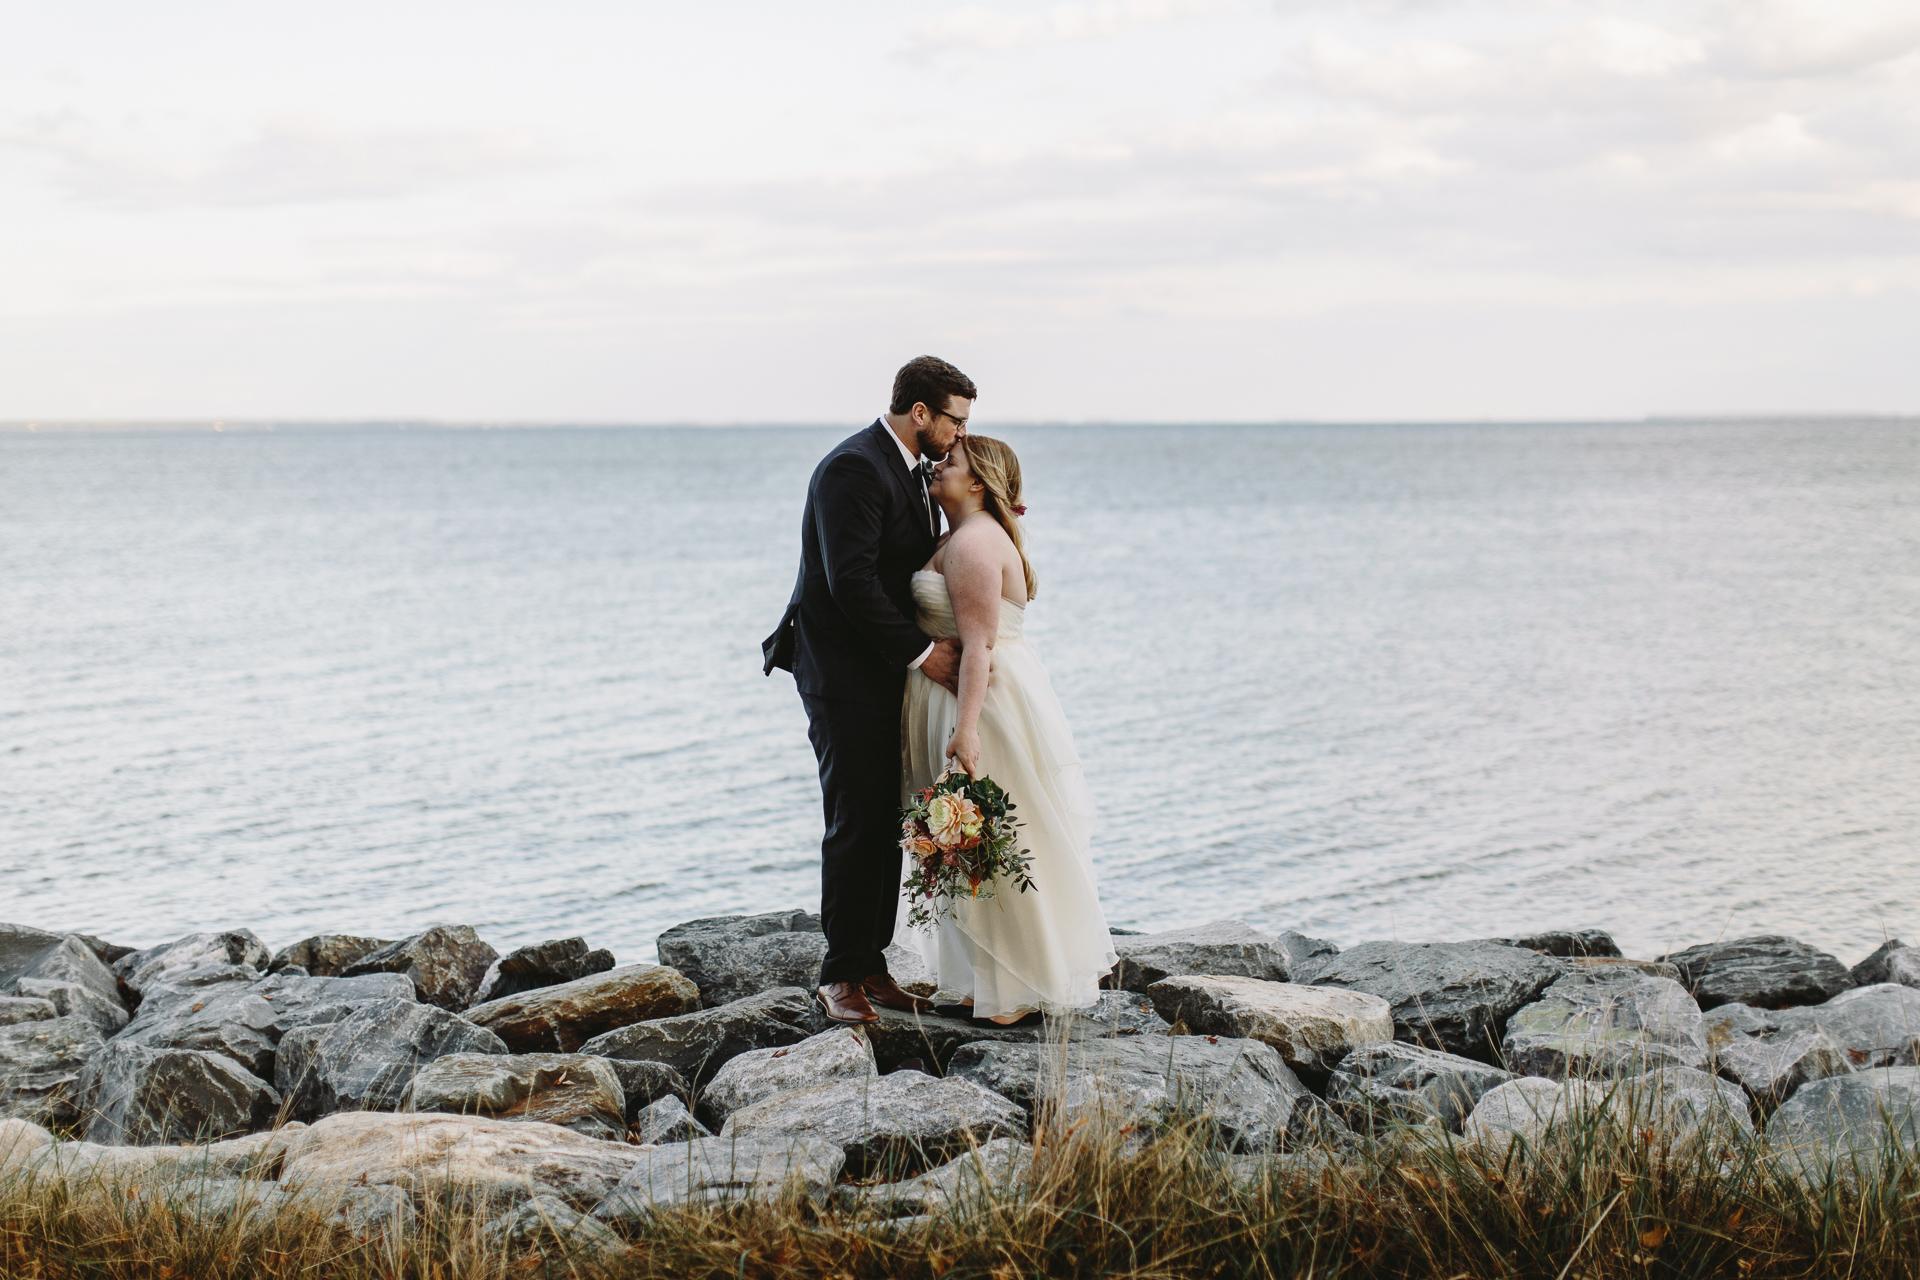 jess-hunter-tilghman-island-wedding-photographer-7981.jpg